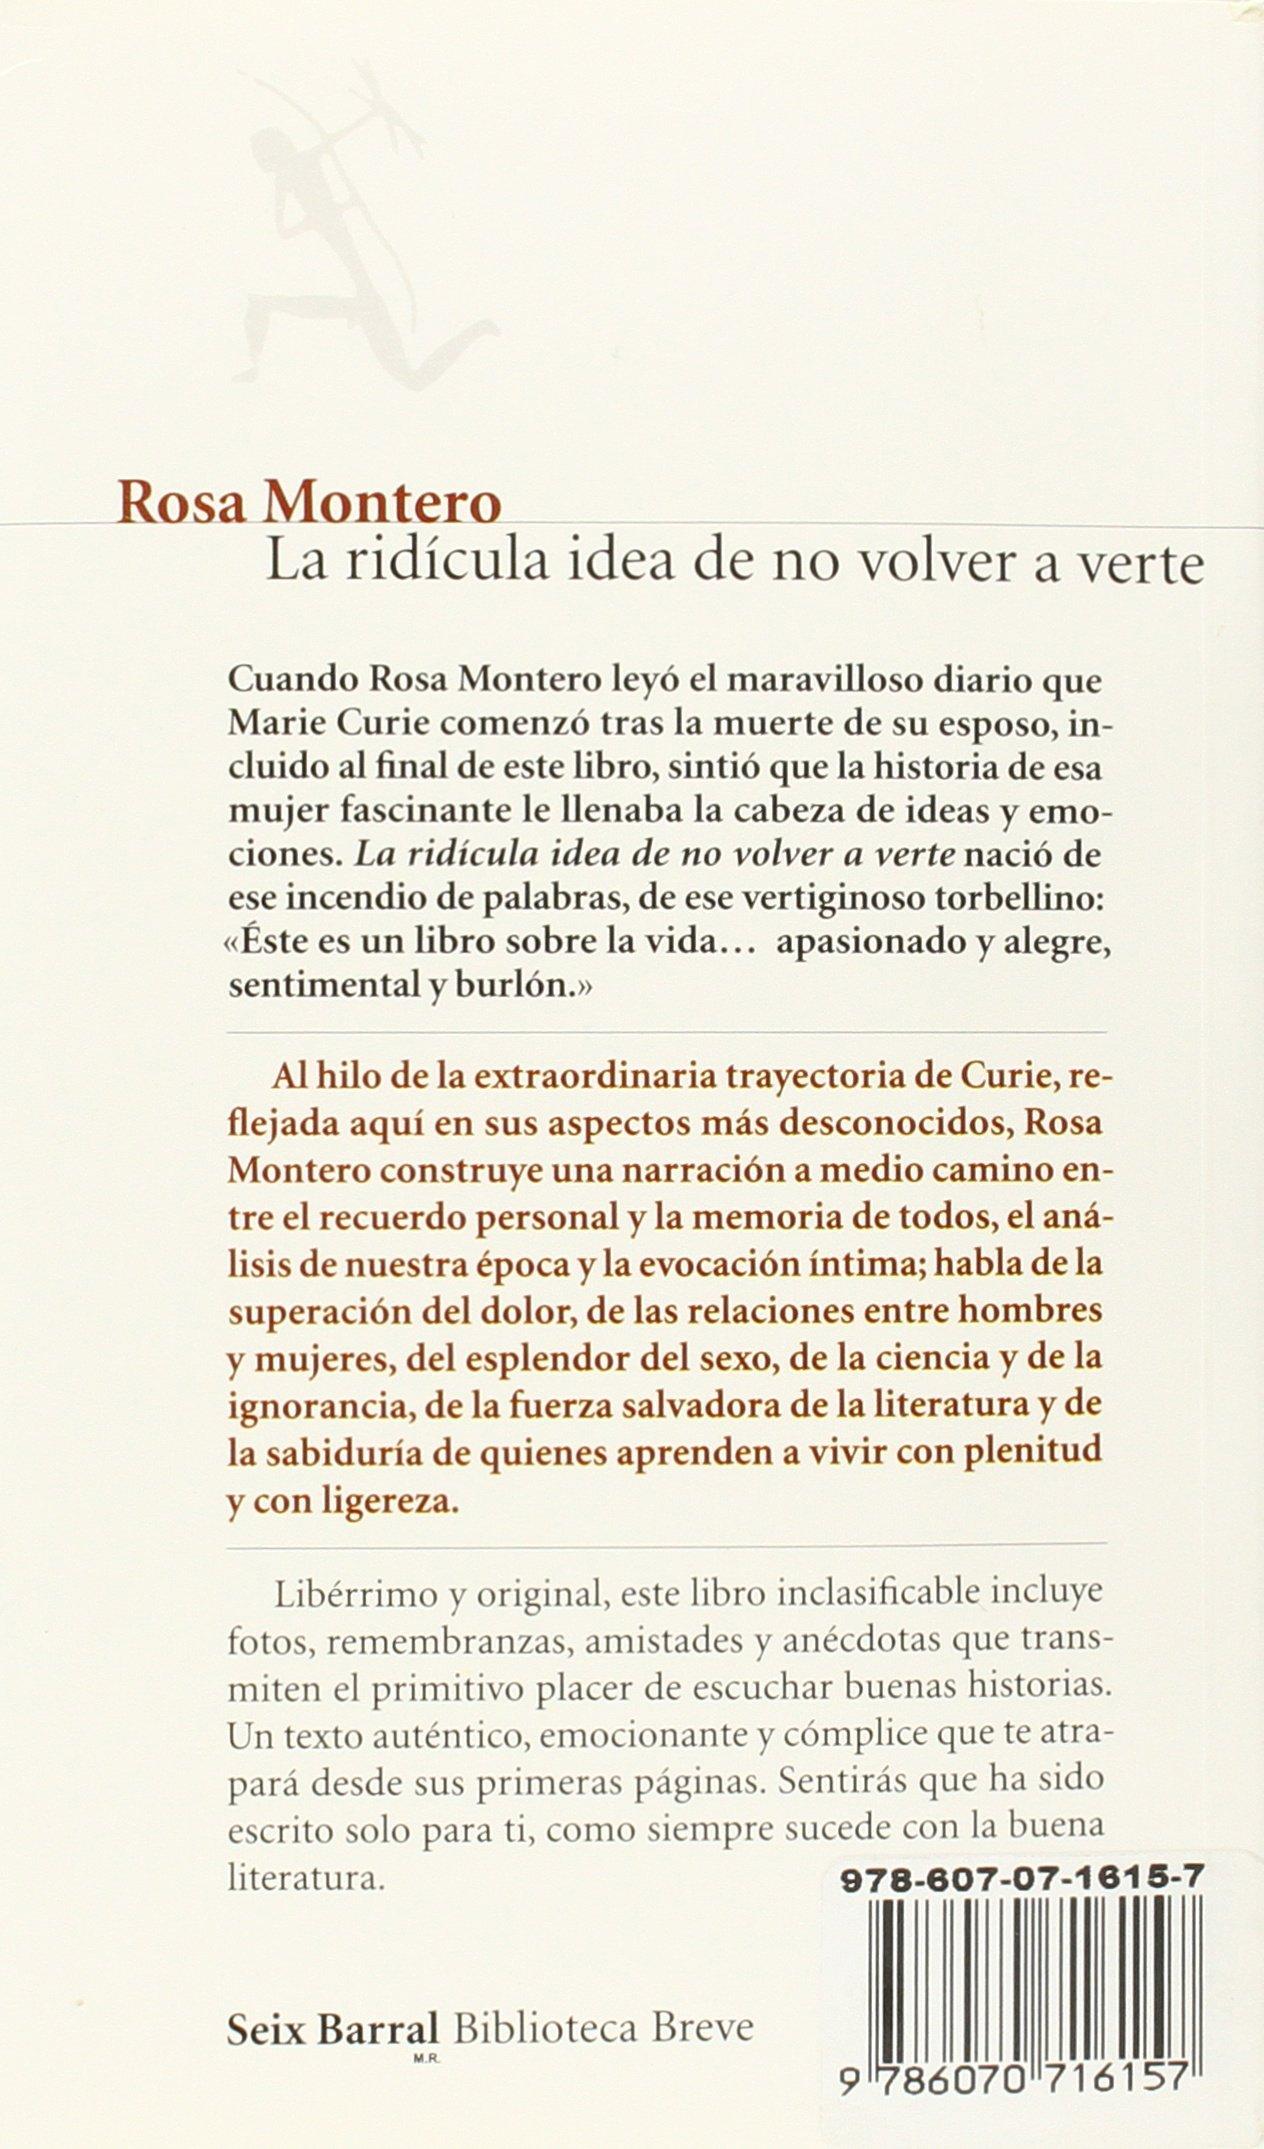 La ridicula idea de no volver a verte Biblioteca Breve / Seix Barral:  Amazon.es: Rosa Montero: Libros